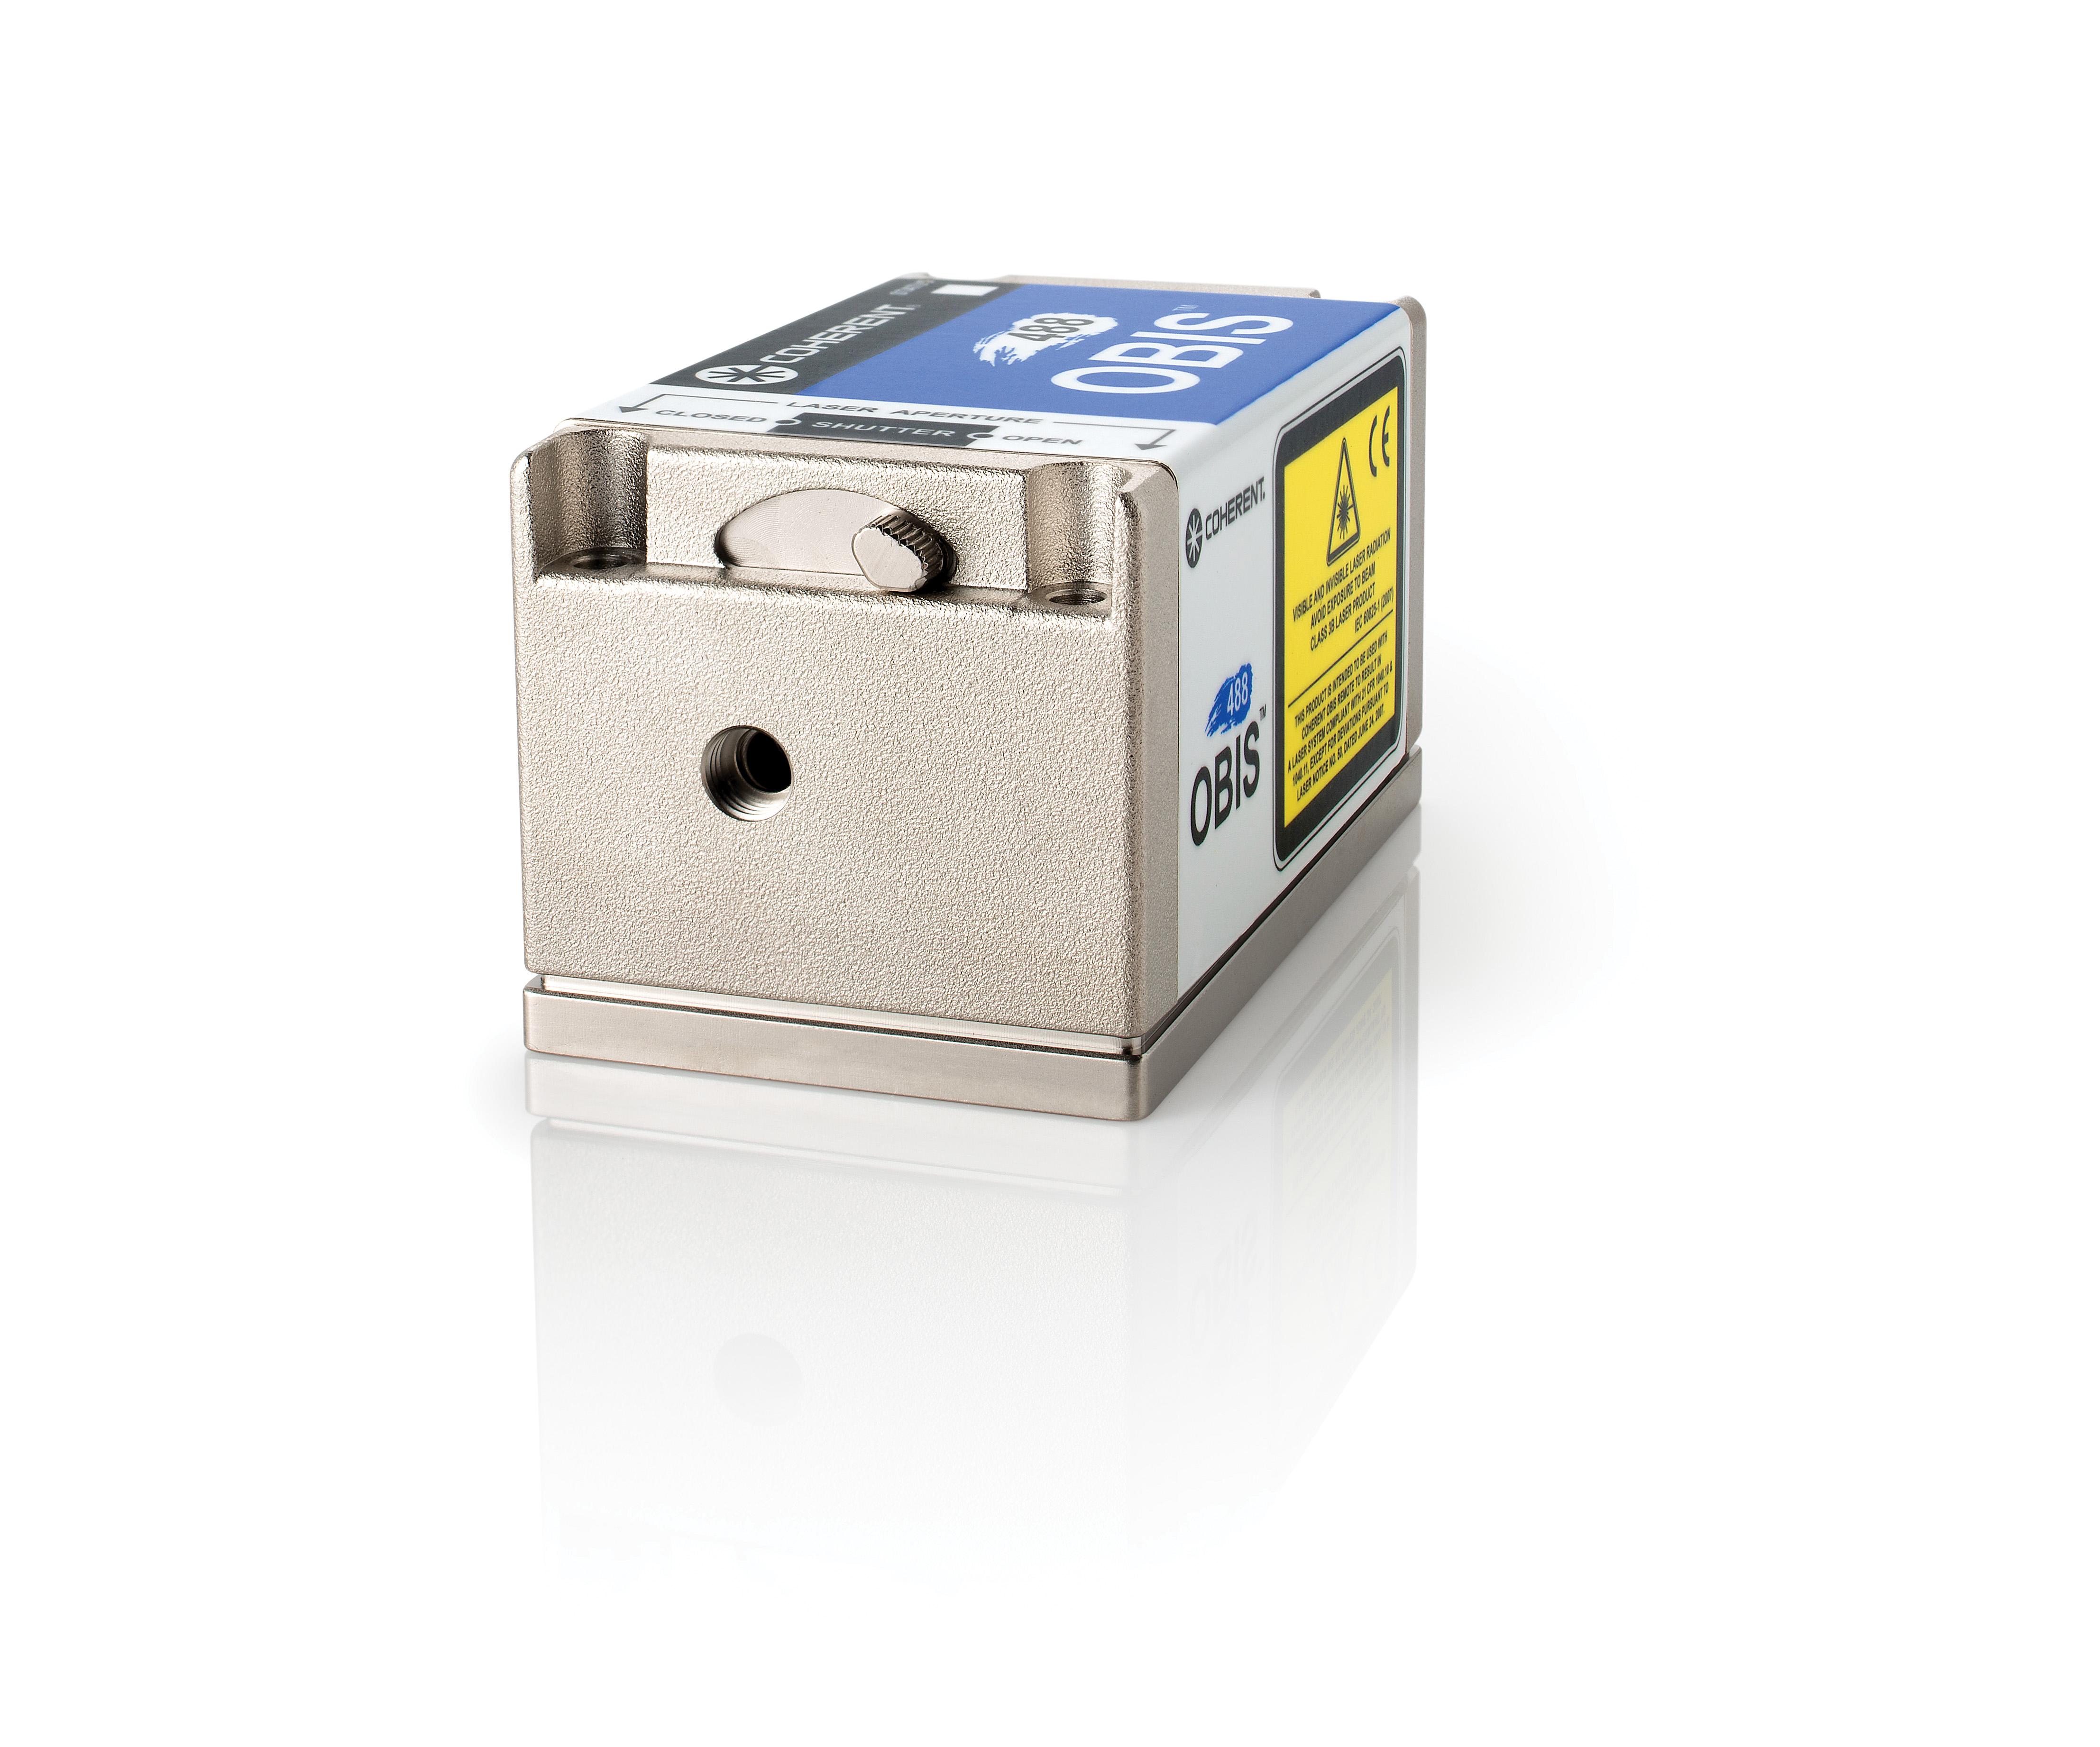 OBIS Continuous Wave Lasers